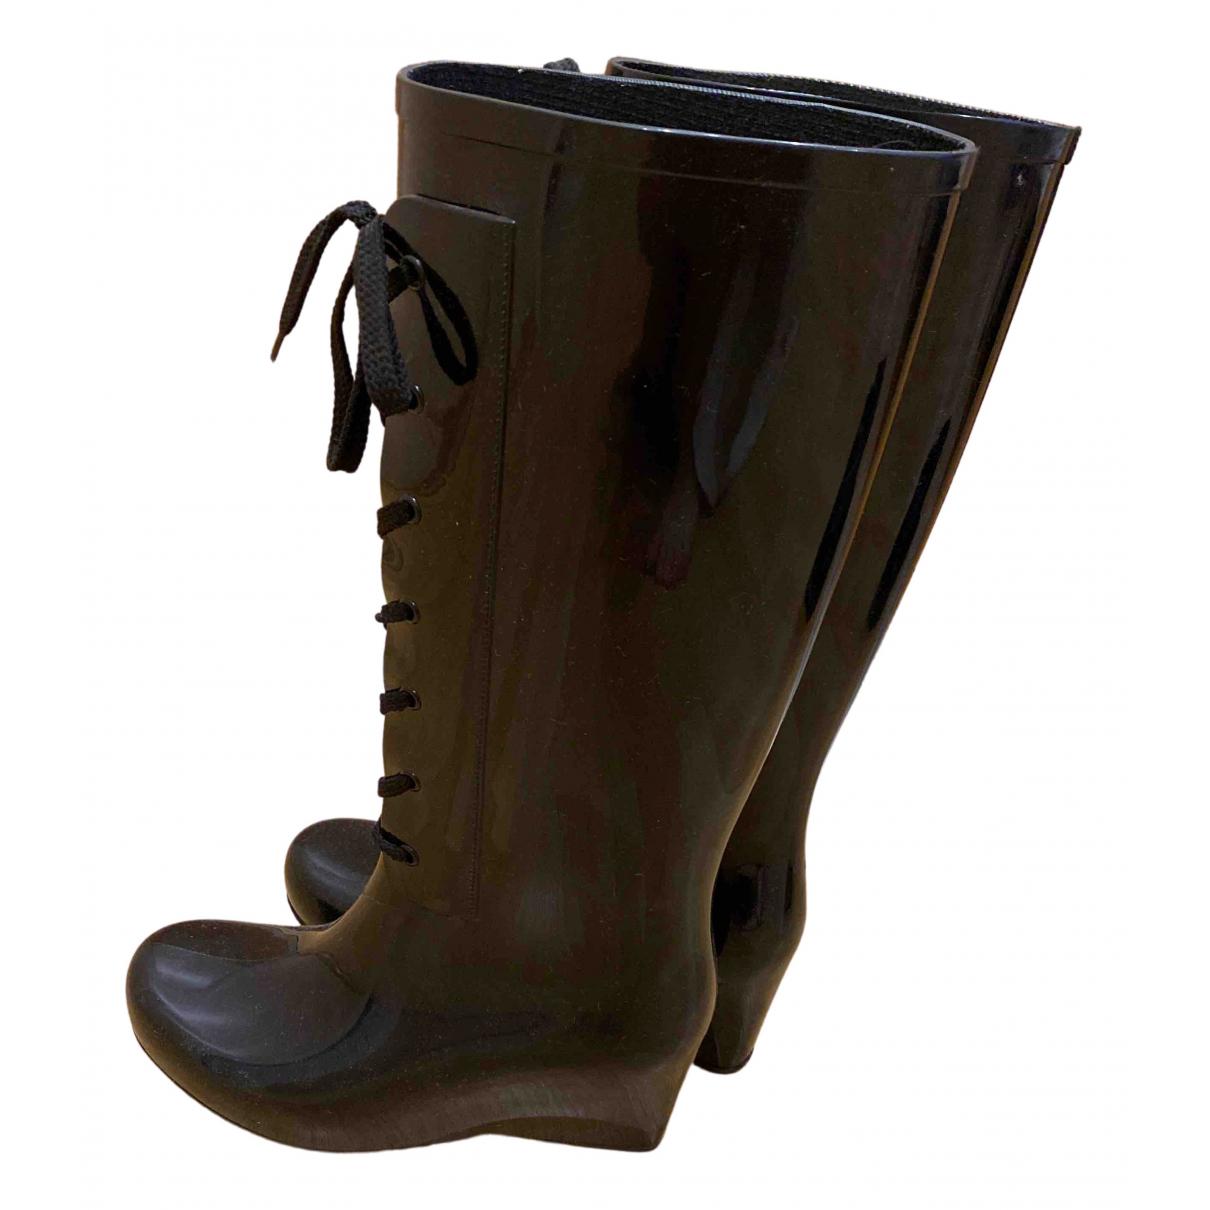 Yves Saint Laurent - Bottes   pour femme en cuir verni - noir